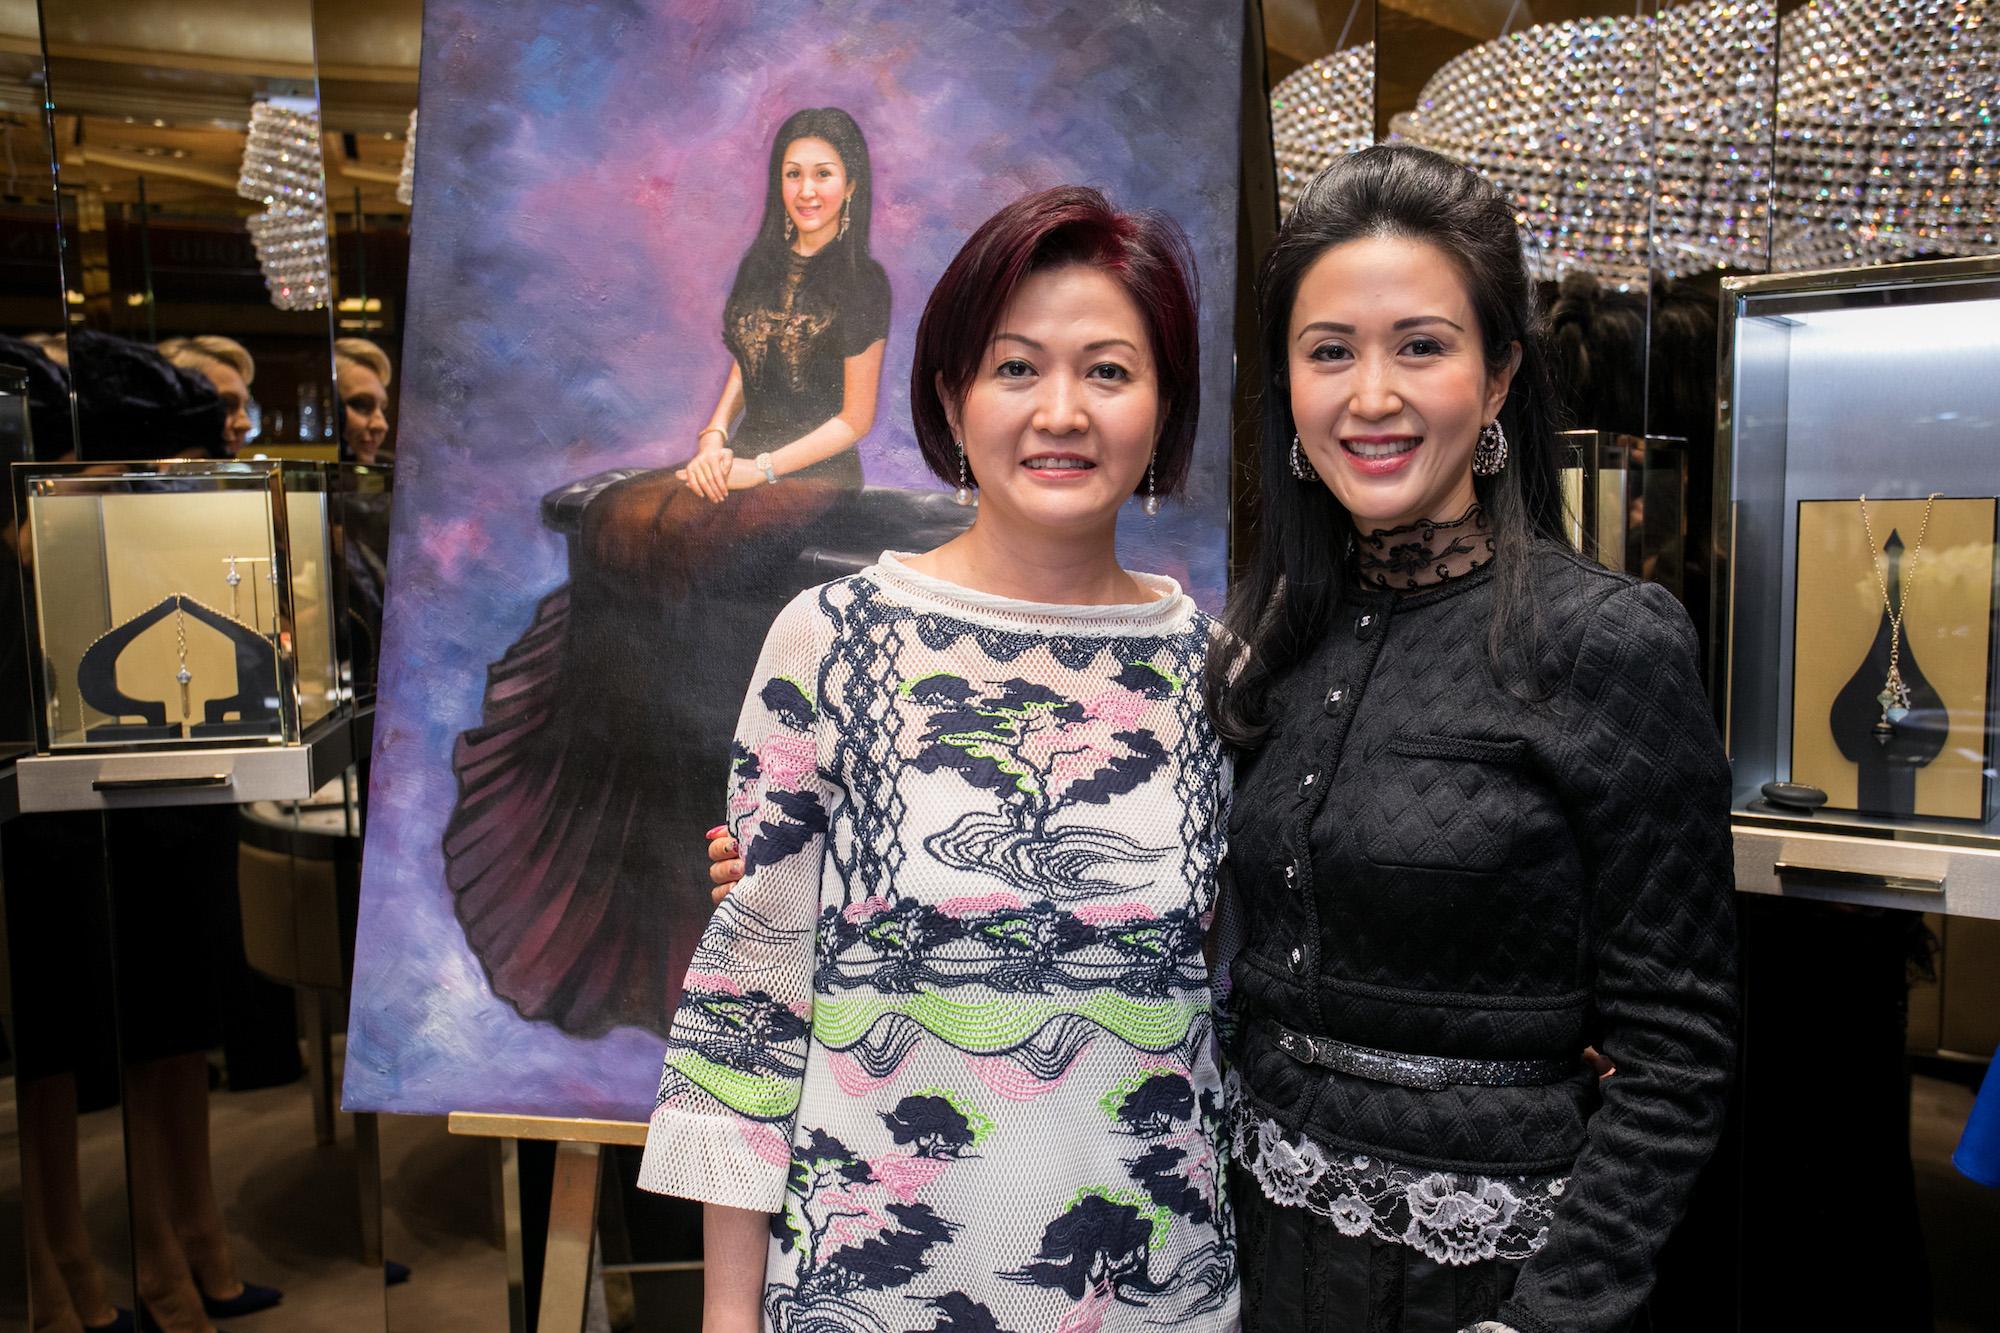 Leta Lau, Lianne Lam